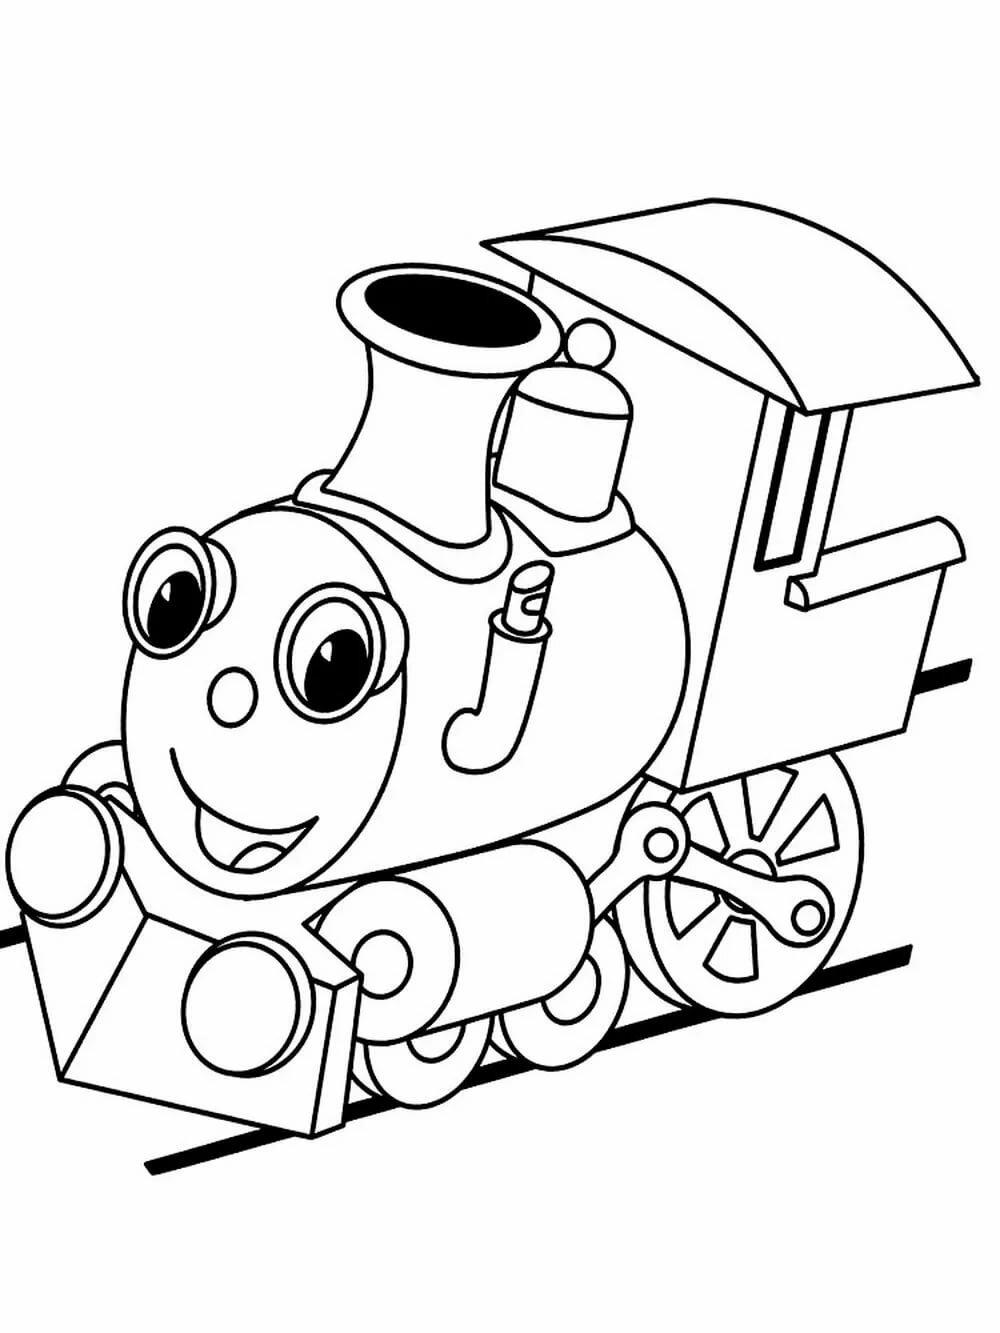 картинка раскраска паровоза сказочного лет ведущая является